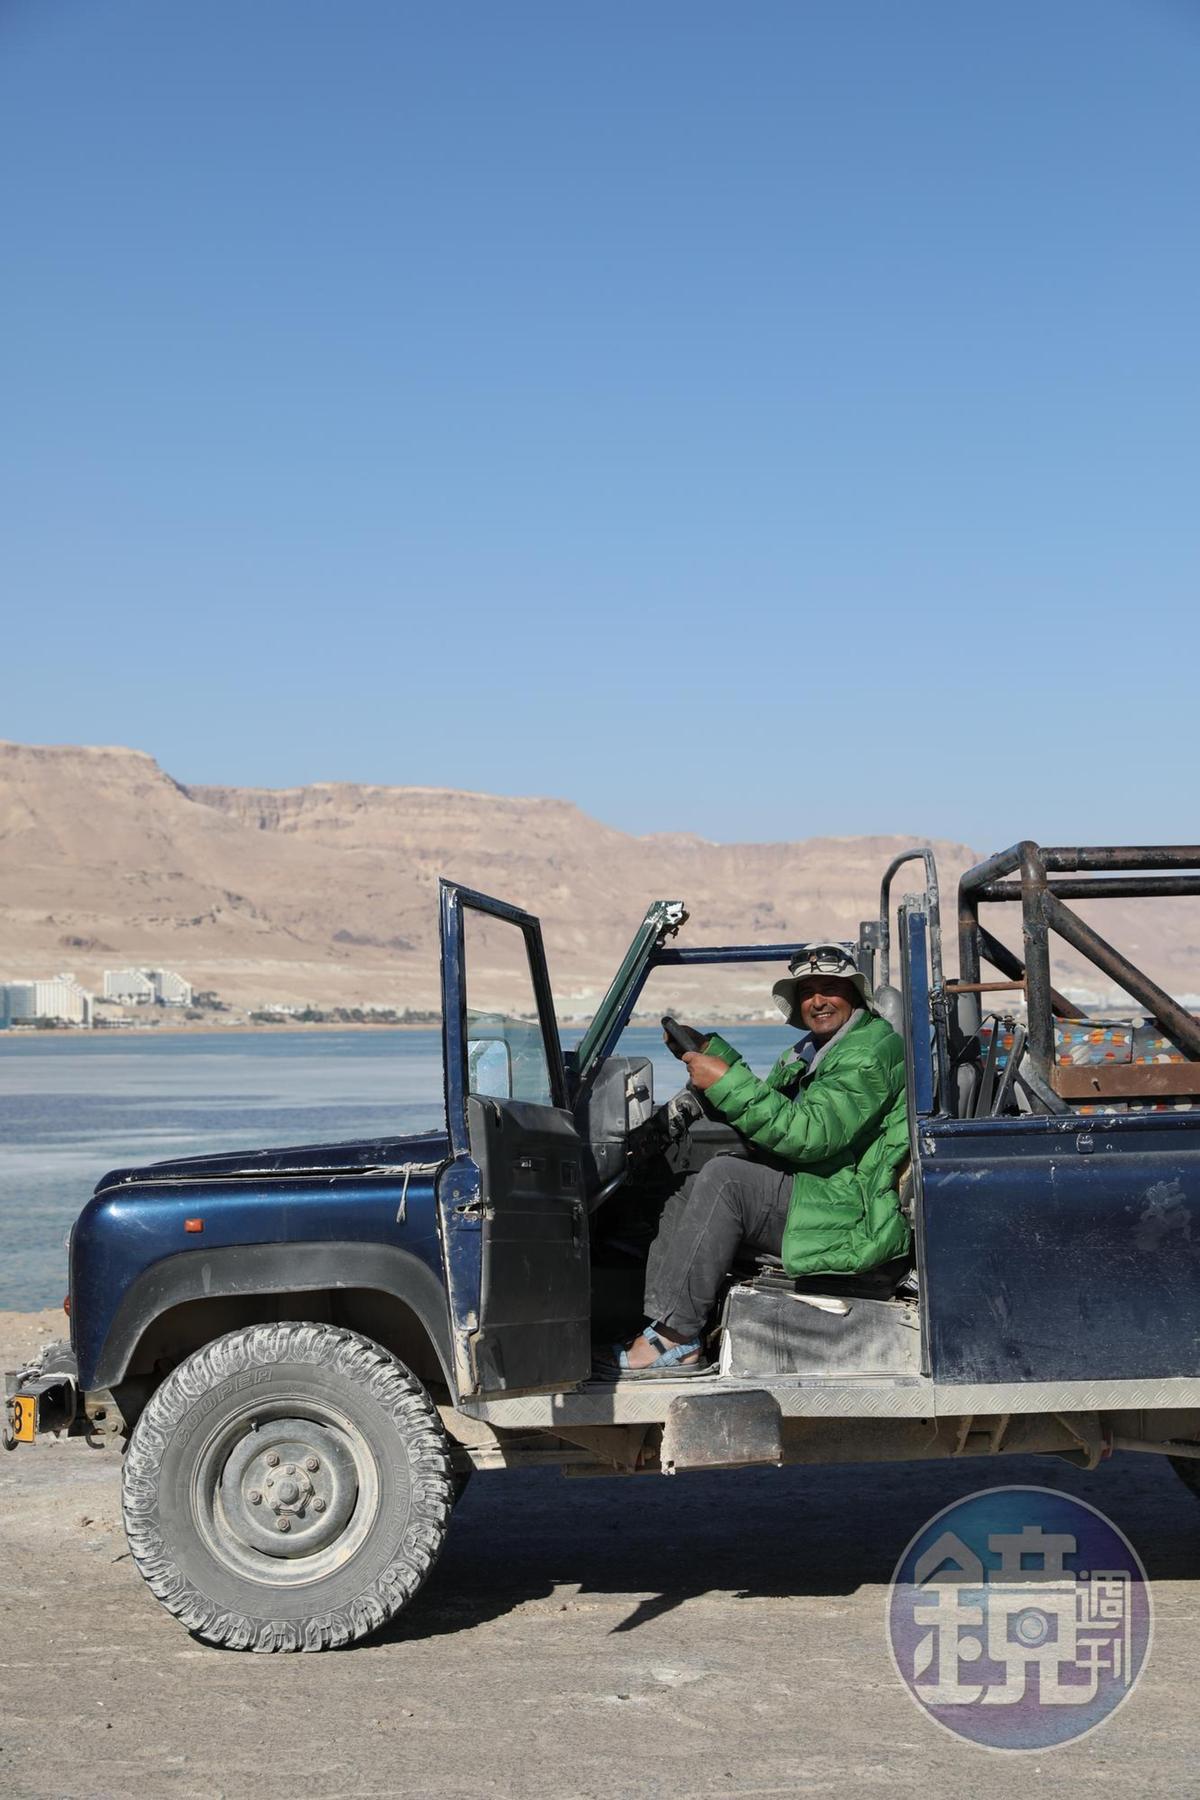 我的沙漠嚮導阿里是貝都因人,自小生長在沙漠裡的游牧民族。